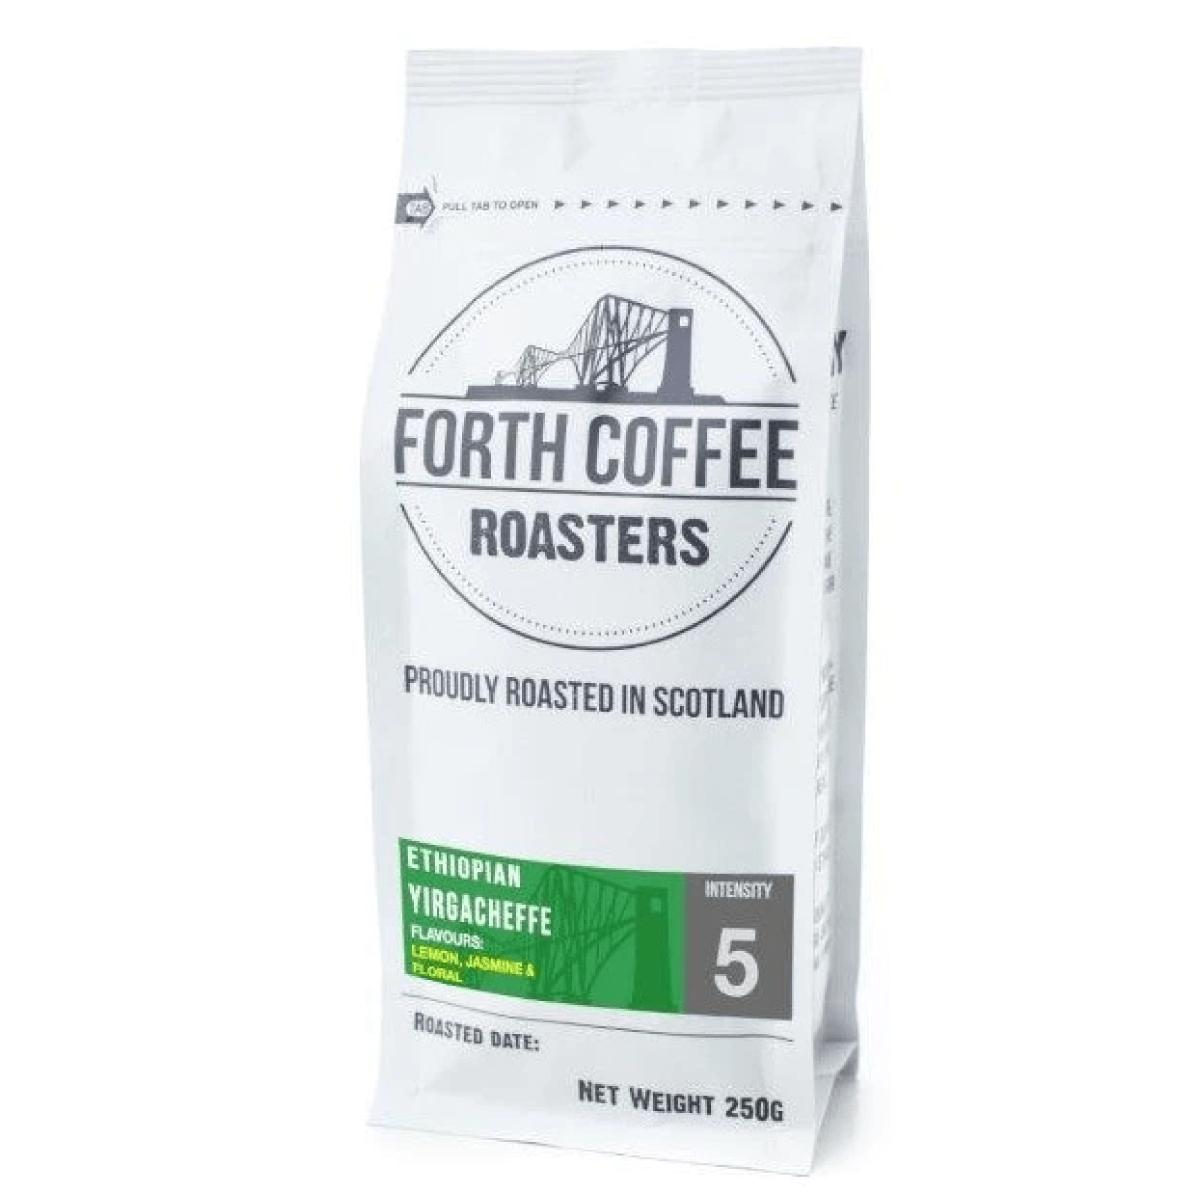 Forth Coffee Ethiopian Yirgacheffe Coffee Roasted in Scotland